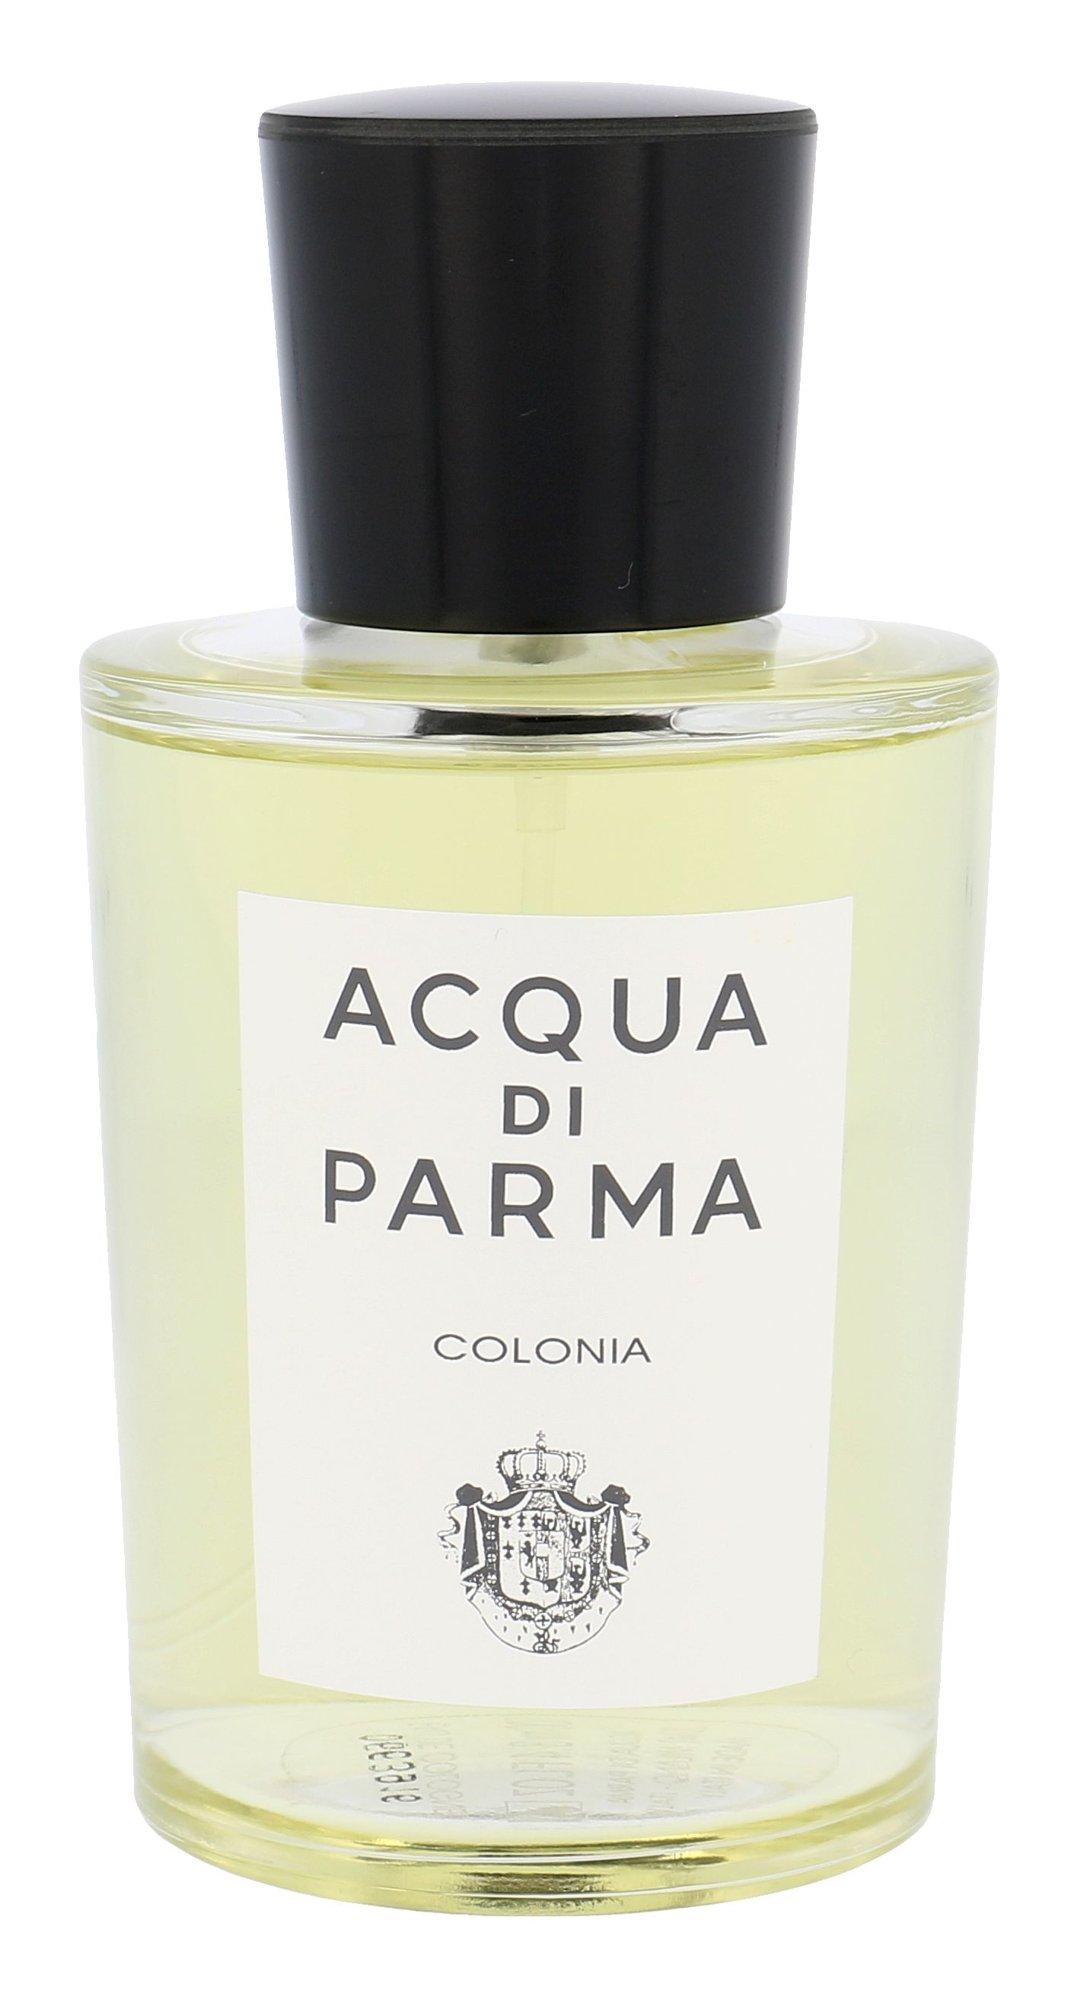 Acqua di Parma Colonia Cologne 100ml